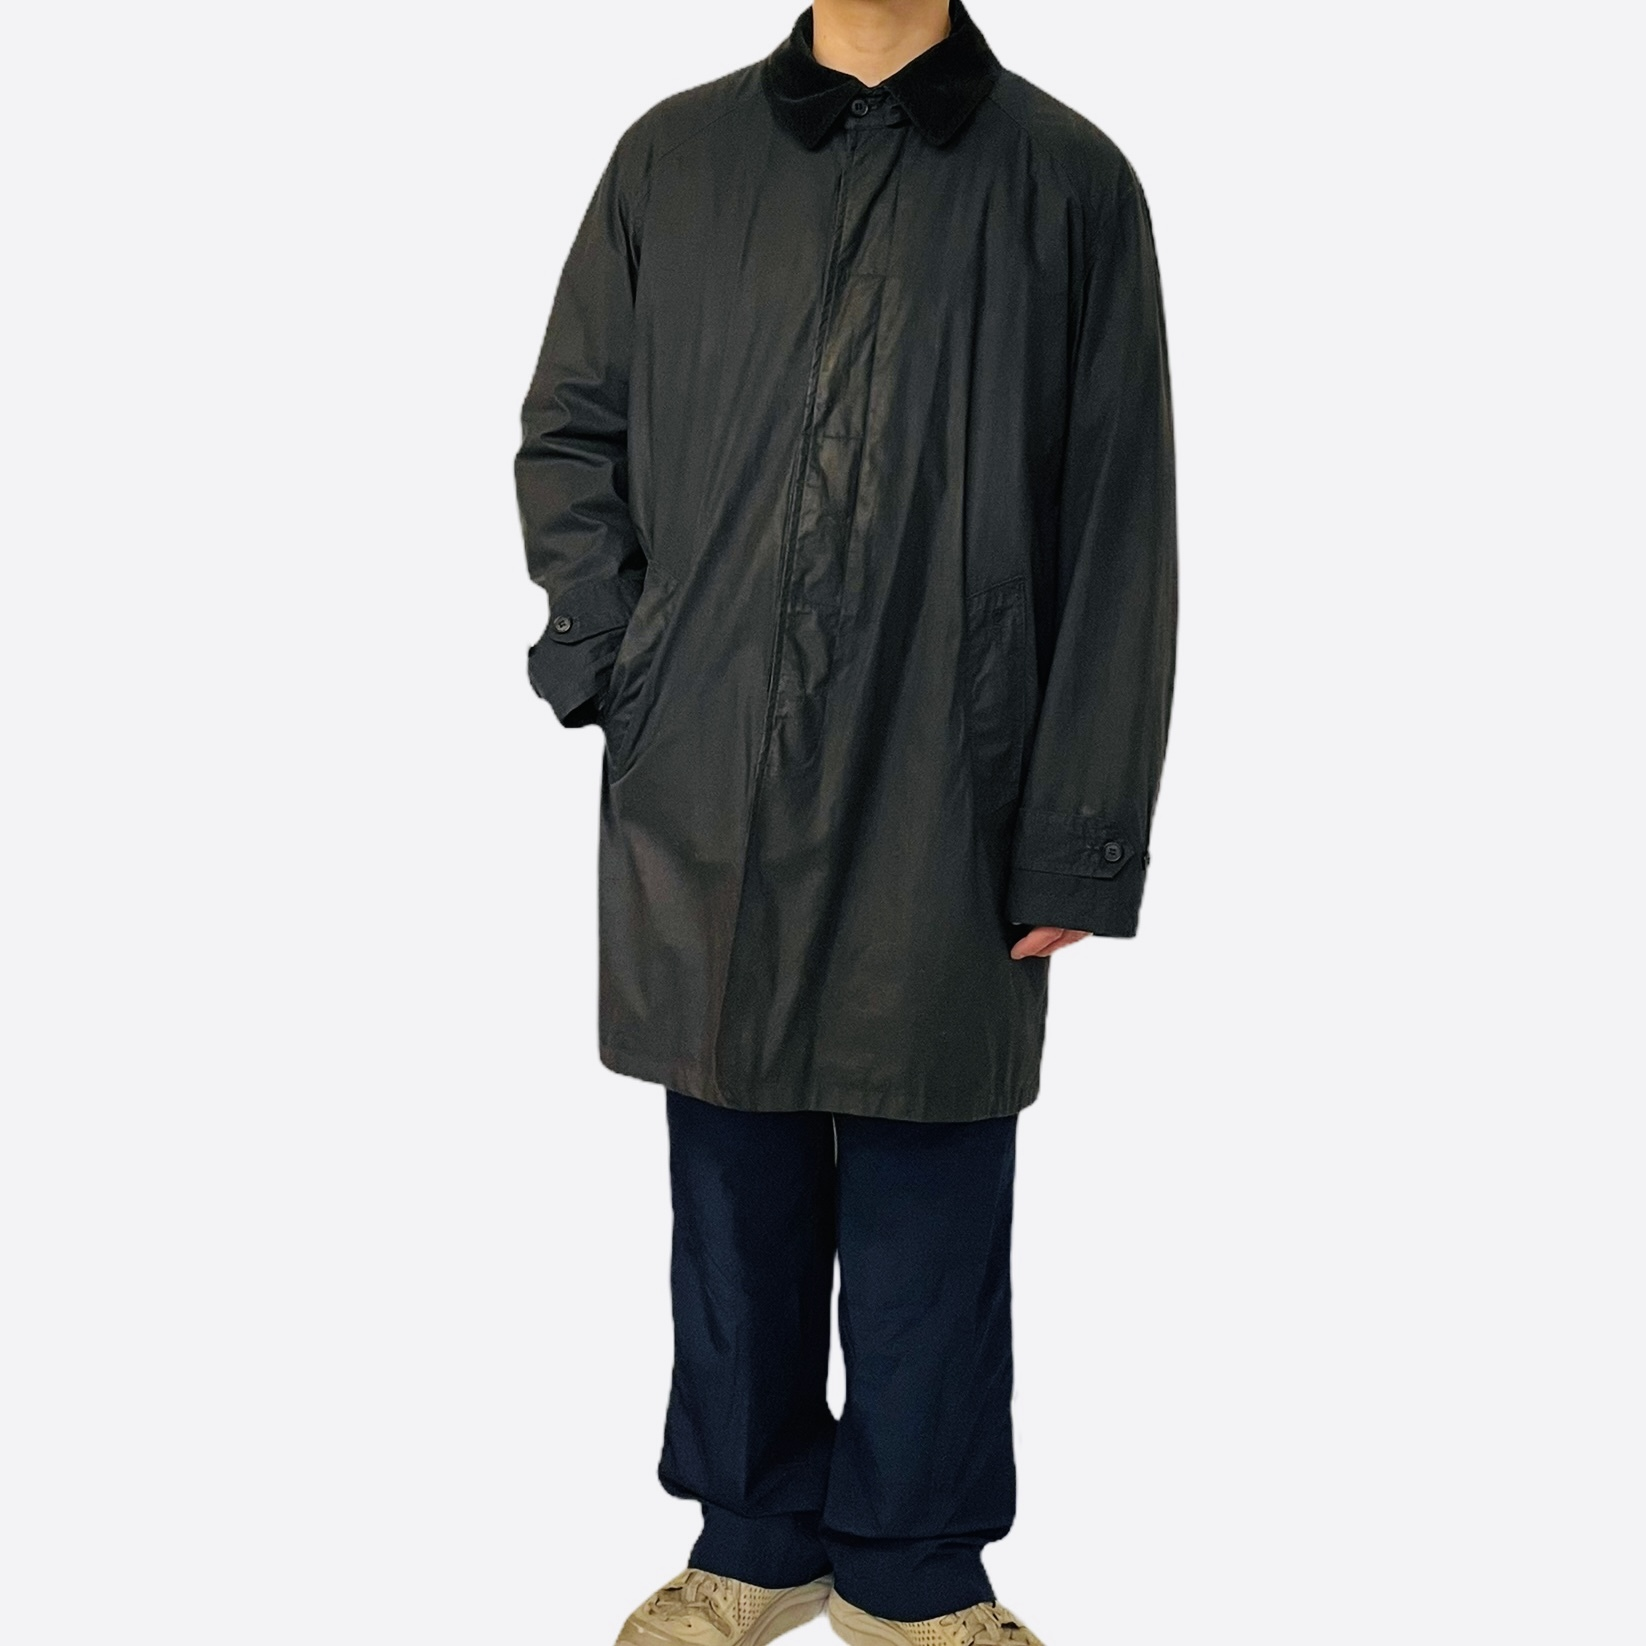 Barbour Merton MAC coat made in England Navy XL